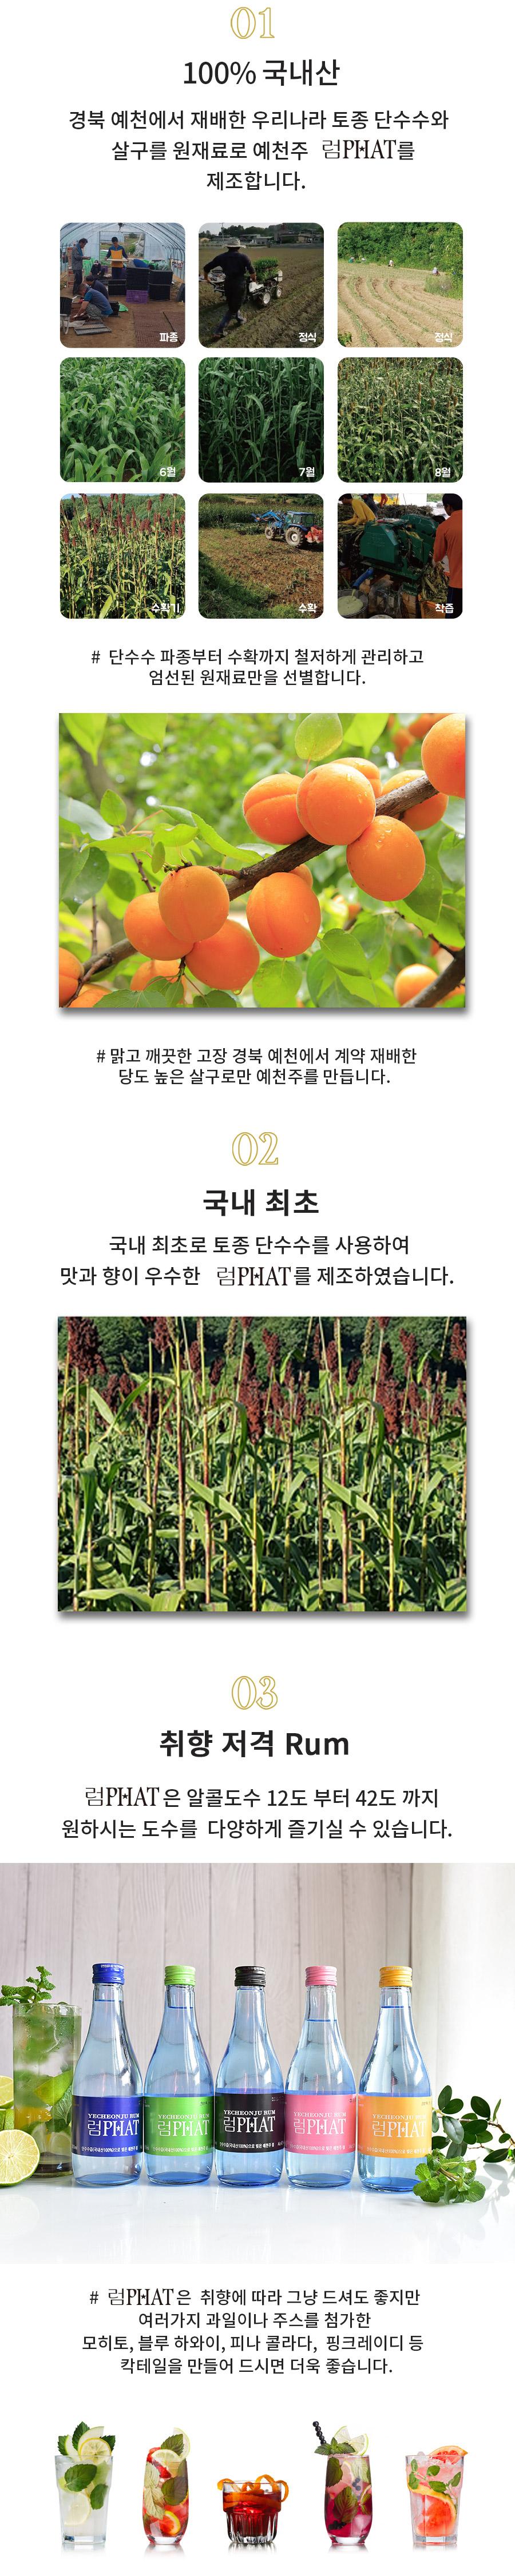 10-럼6병-블랙_02.jpg